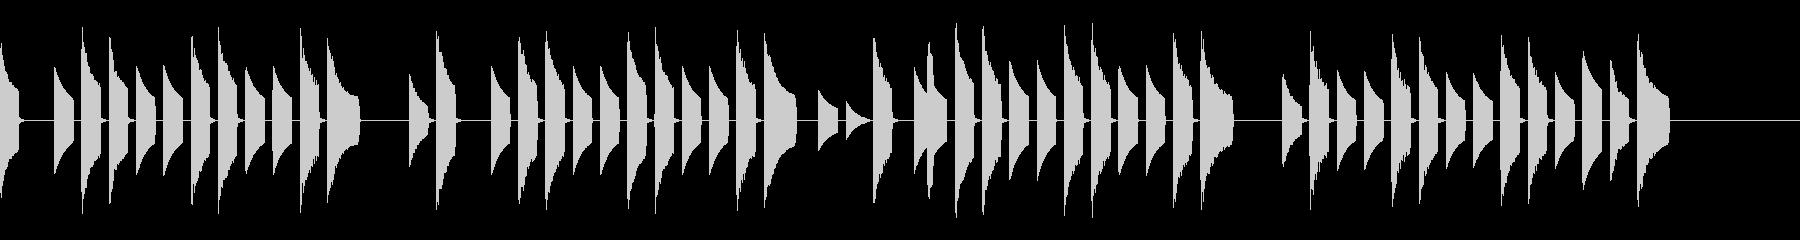 夕焼け小焼け 8bit ファミコン風の未再生の波形